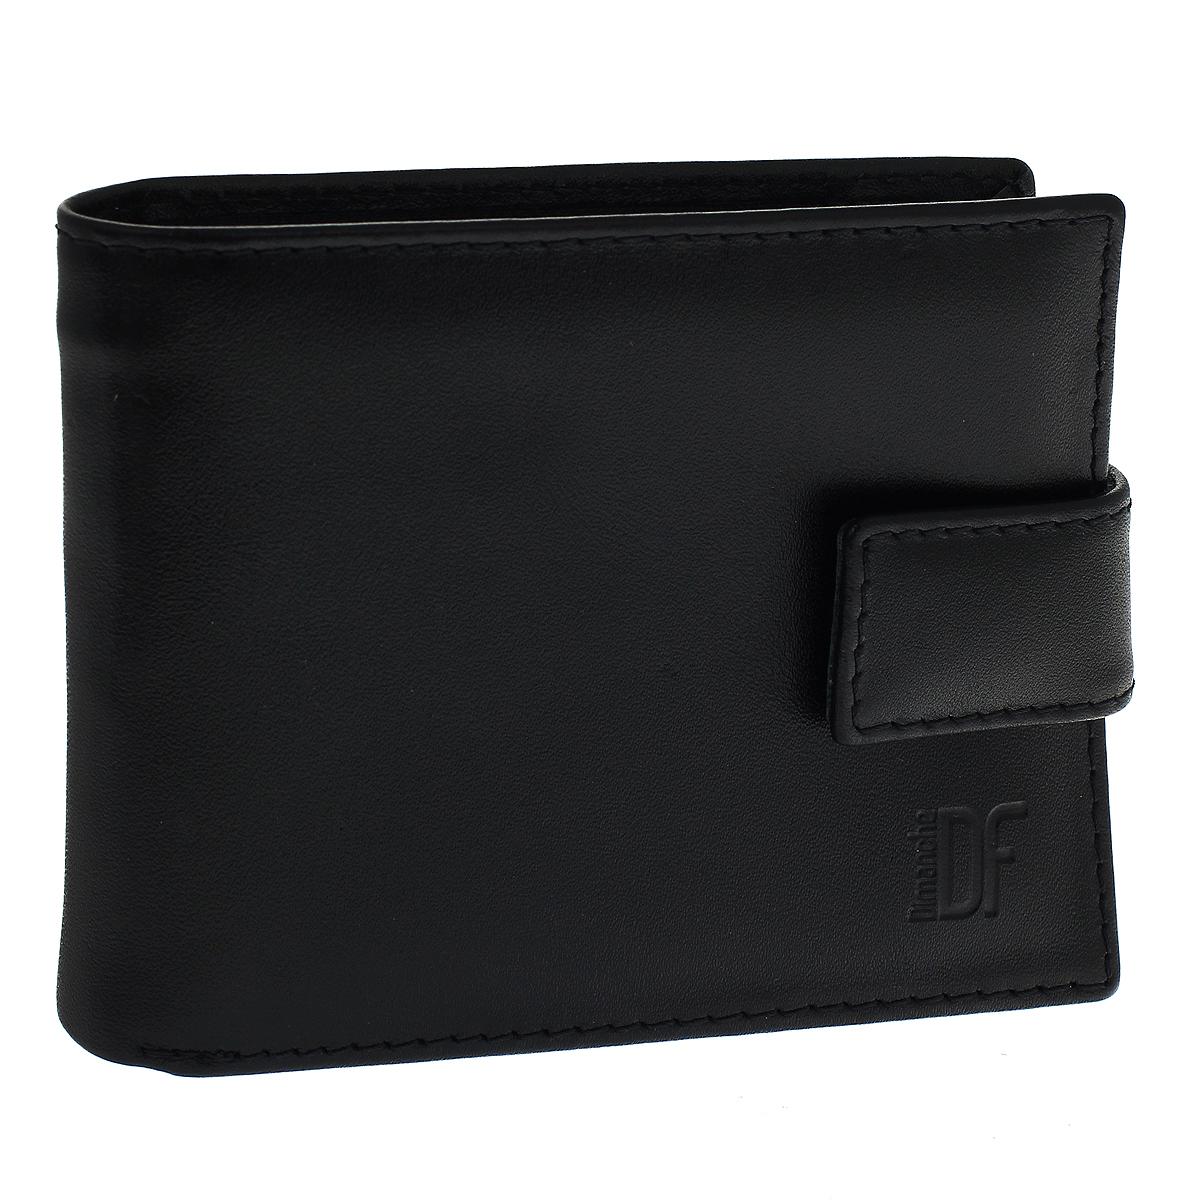 Портмоне мужское Dimanche Bond Elite, цвет: черный. 701701Портмоне Dimanche Bond Elite изготовлено из натуральной кожи черного цвета. Закрывается хлястиком на магнитную кнопку. Внутри содержится 2 отделения для купюр, 8 карманов для кредитных карт, 2 потайных кармашка для мелких бумаг, а также откидное отделение с 2 карманами для пластиковых карт, кармашком для сим-карты и окошком для фотографии. Внутри портмоне отделано атласным полиэстером черного цвета с узором. С задней стороны изделия расположен вшитый карман на молнии для мелочи. Фурнитура - серебристого цвета. Стильное портмоне отлично дополнит ваш образ и станет незаменимым аксессуаром на каждый день. Упаковано в фирменную картонную коробку коричневого цвета.